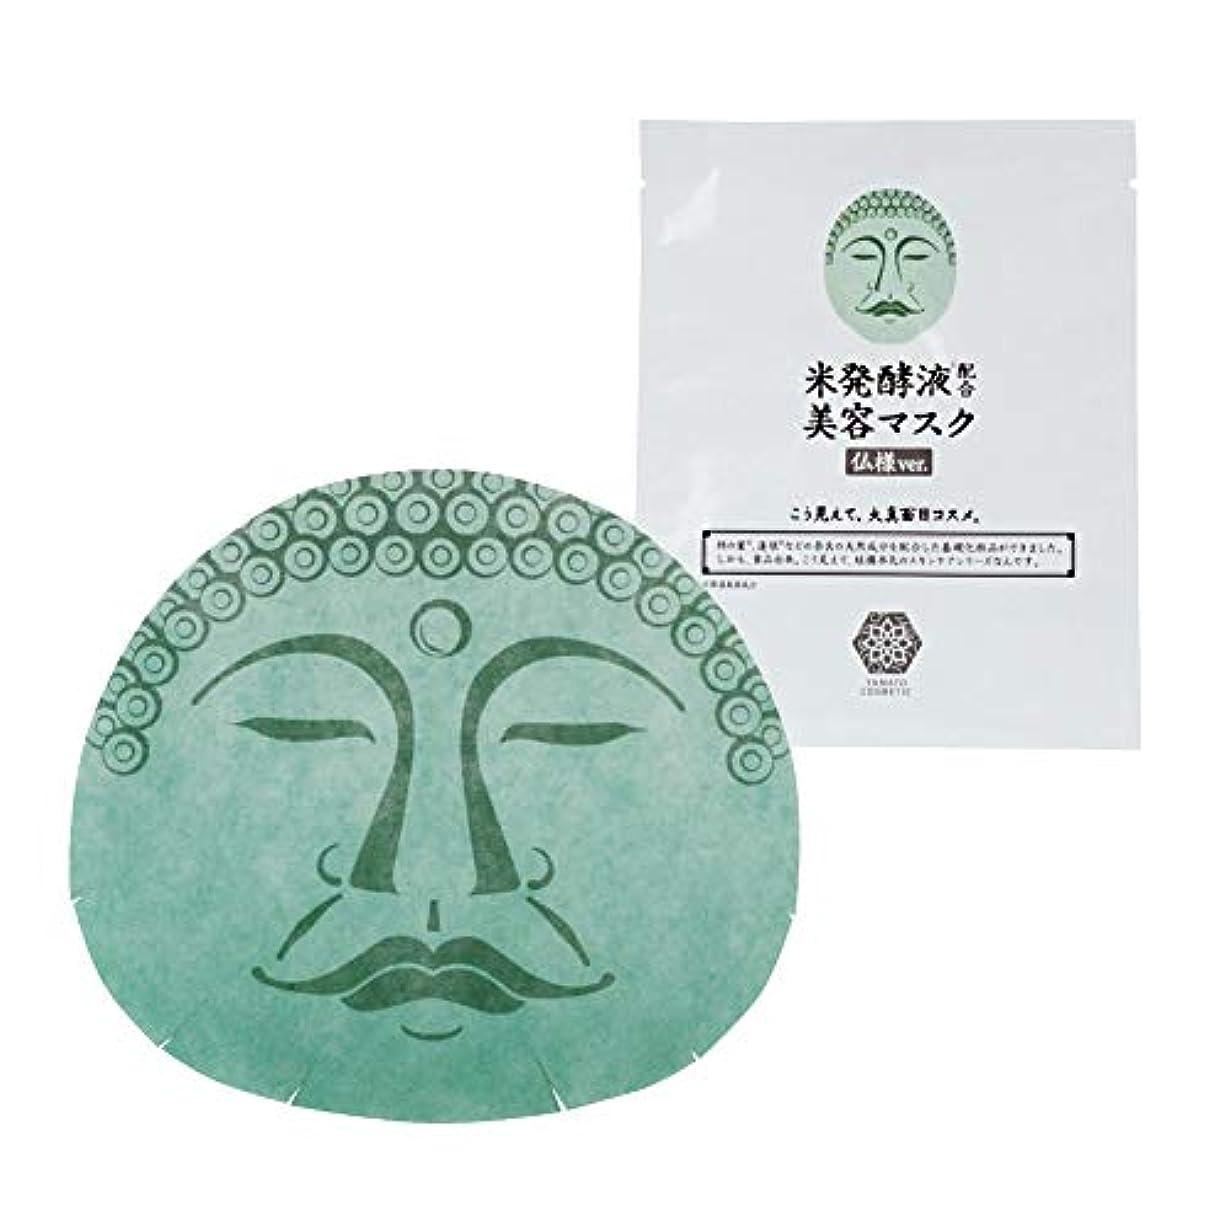 アコード有料ケントやまとコスメティック 美容液マスク 25mL 1枚 仏様 仏様パック